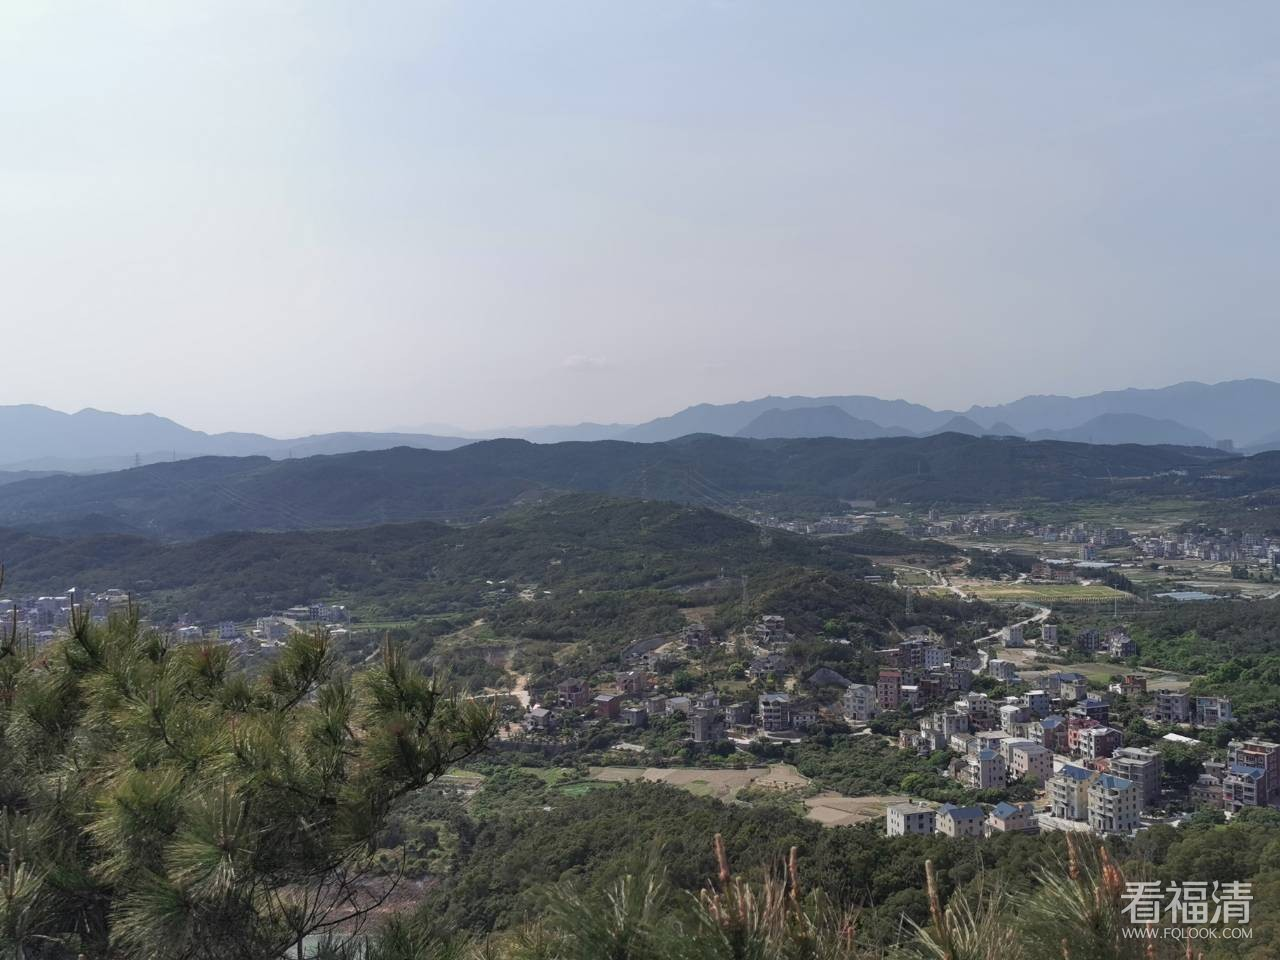 友谊村的大山风景如此美丽